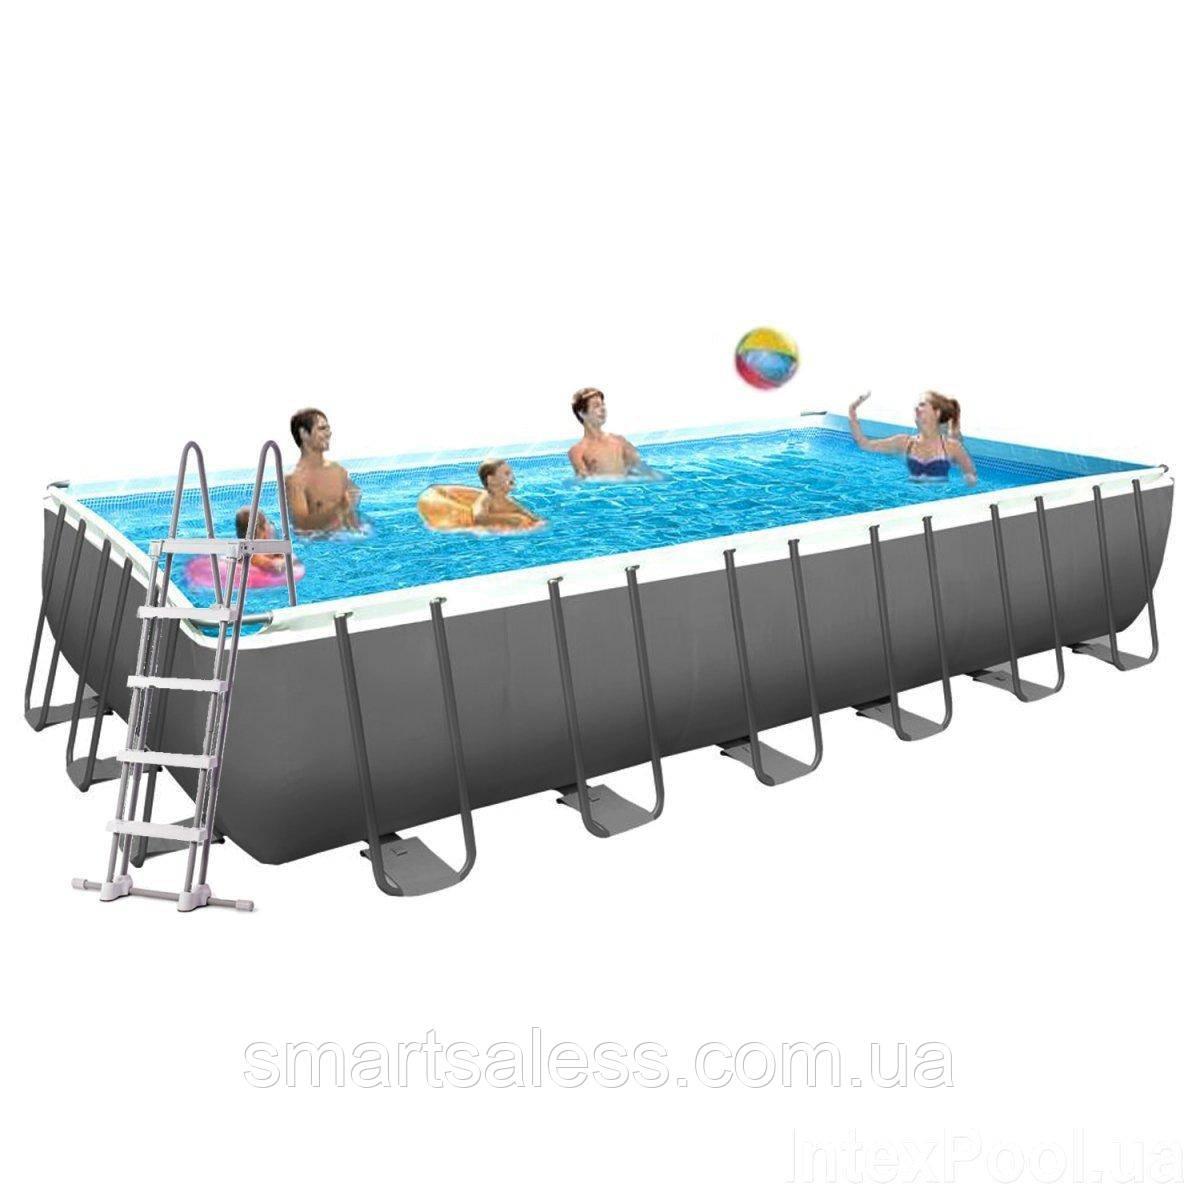 Каркасний басейн Intex 610 x 305 x 122 см (5г/год) з насосом, сходами, тентом, підстилкою і набором для догляду